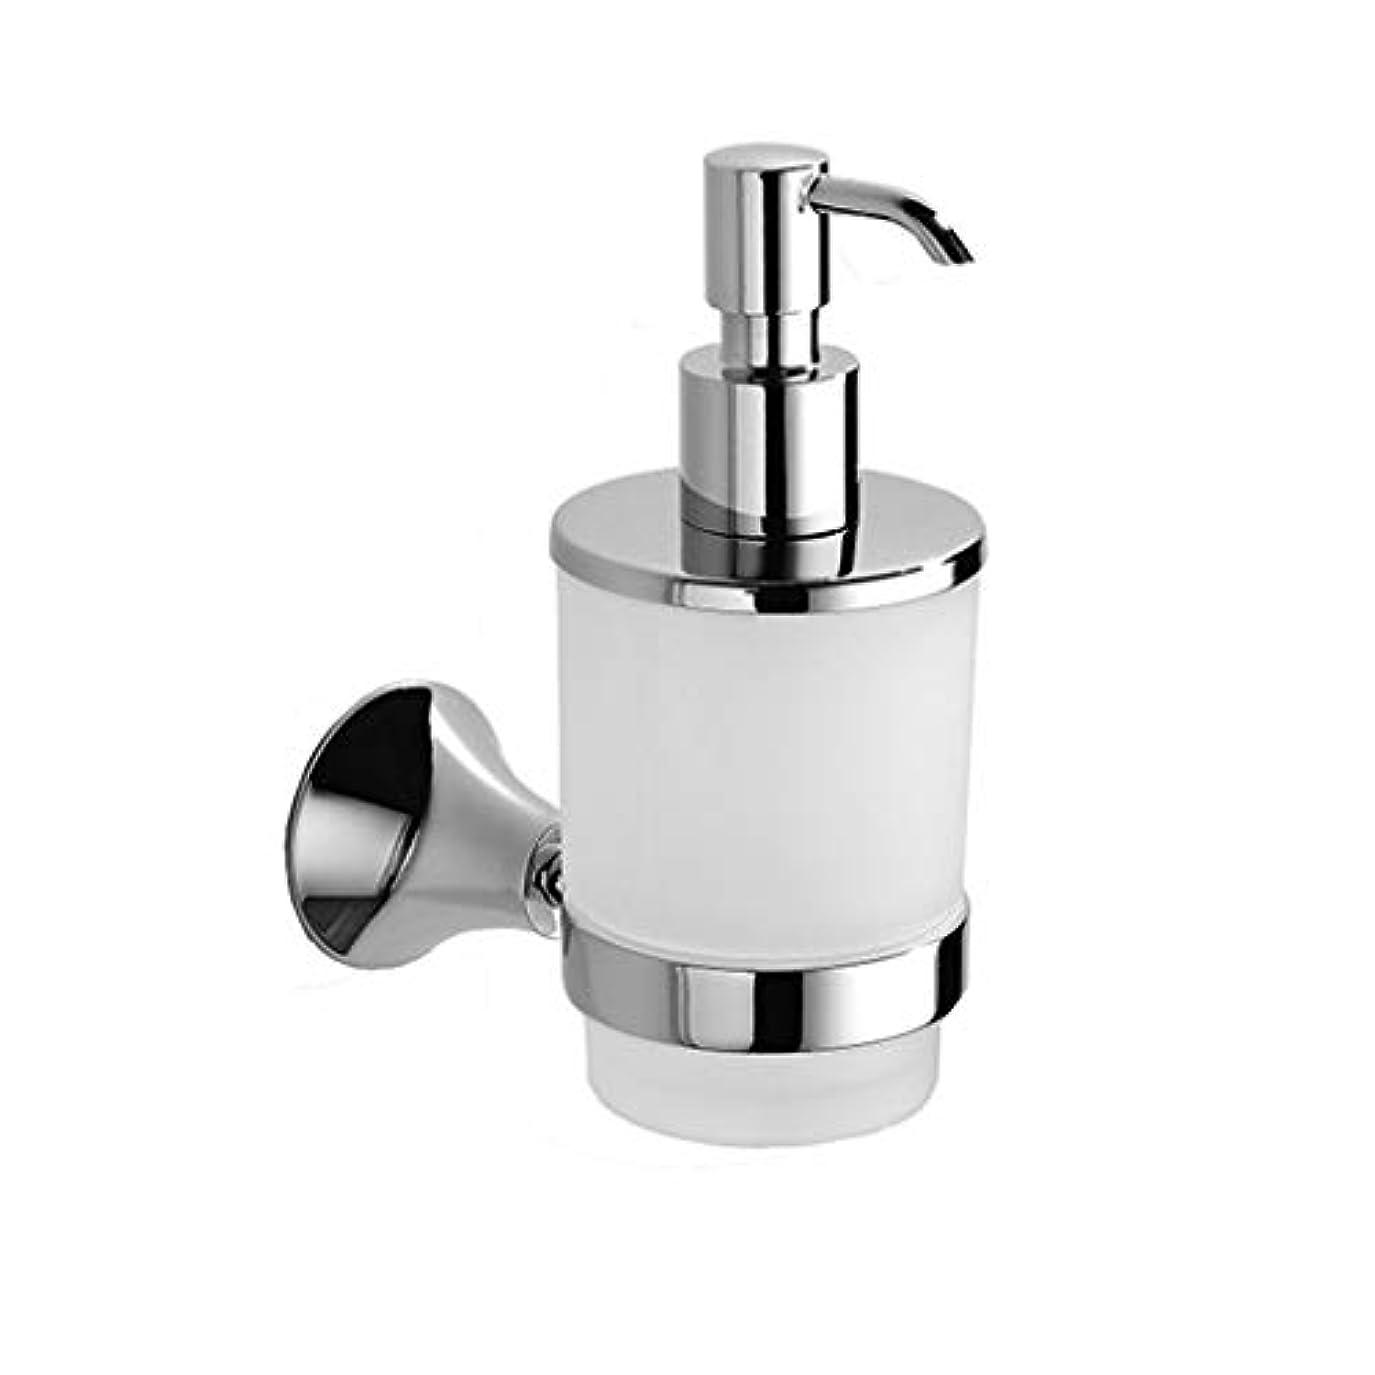 Kylinssh 台所の流し、ステンレス鋼、商業用等級の液体皿ディスペンサーポンプのための石鹸ディスペンサー、設計300mlで造られて